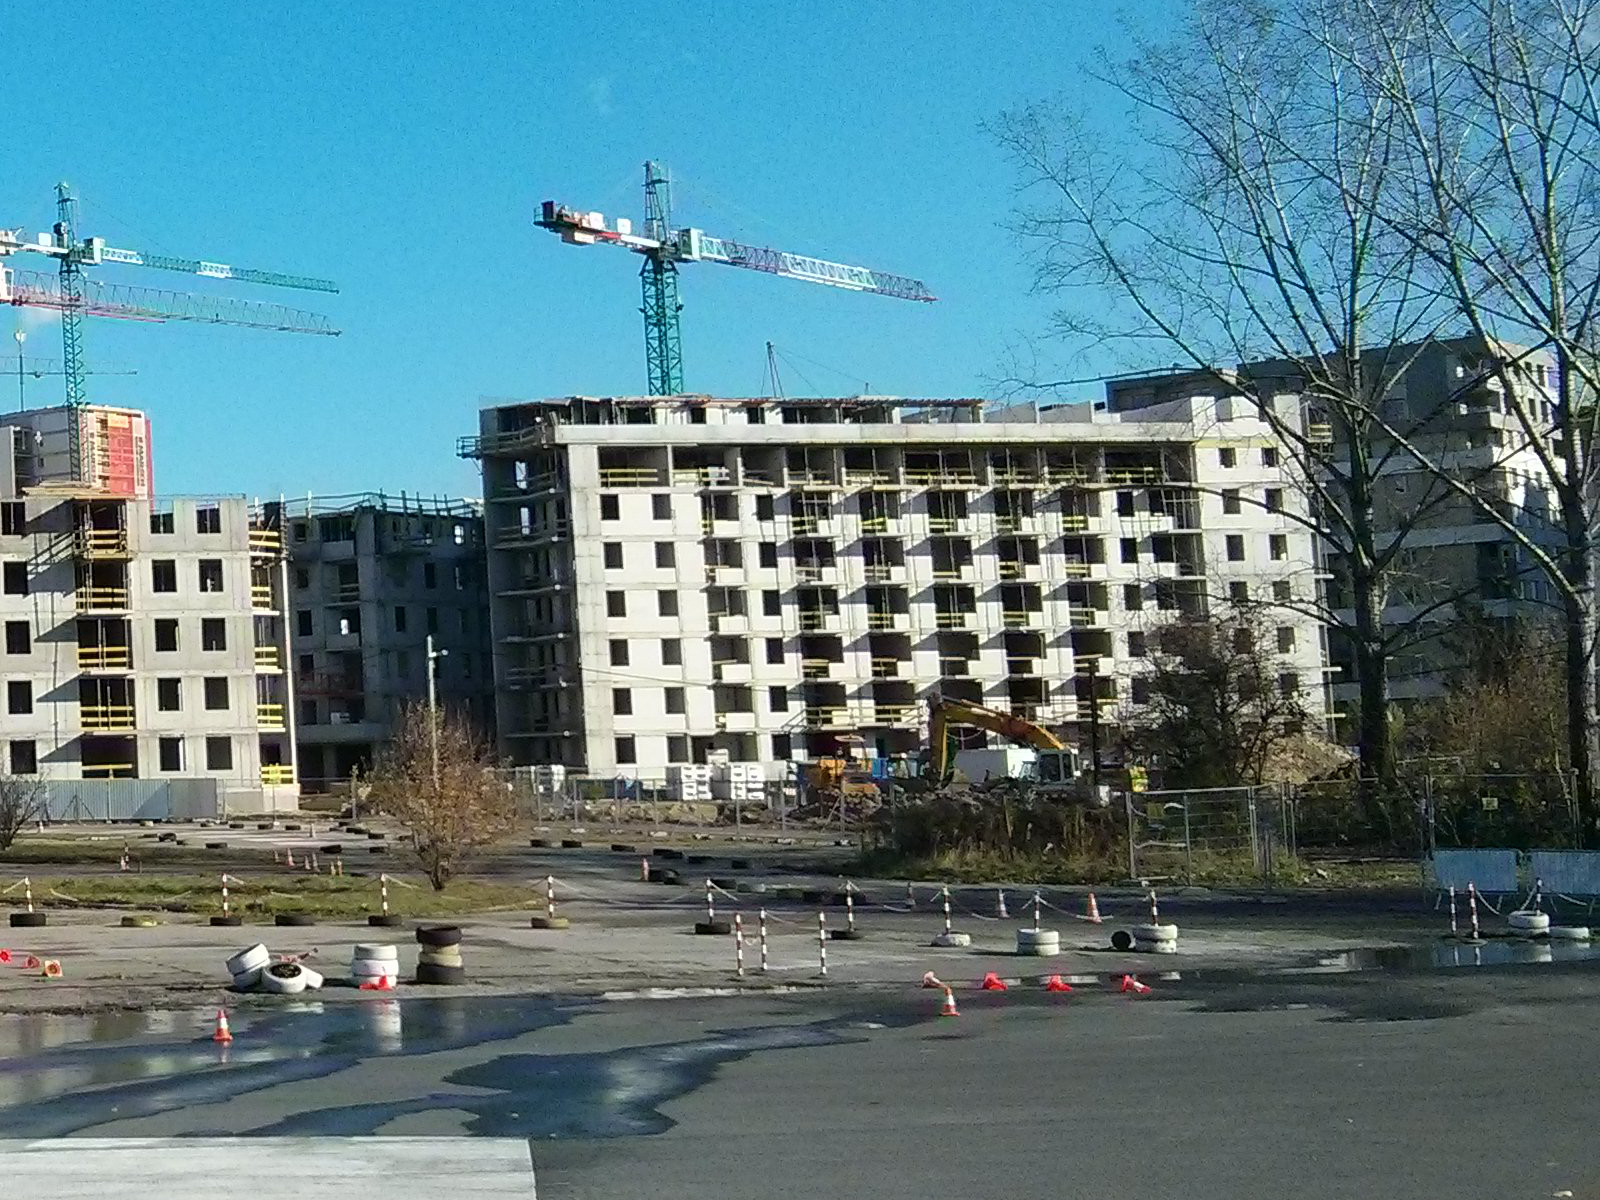 Budimex kończy osiedle Avia 5 w Czyżynach - konstrukcja niemalbv